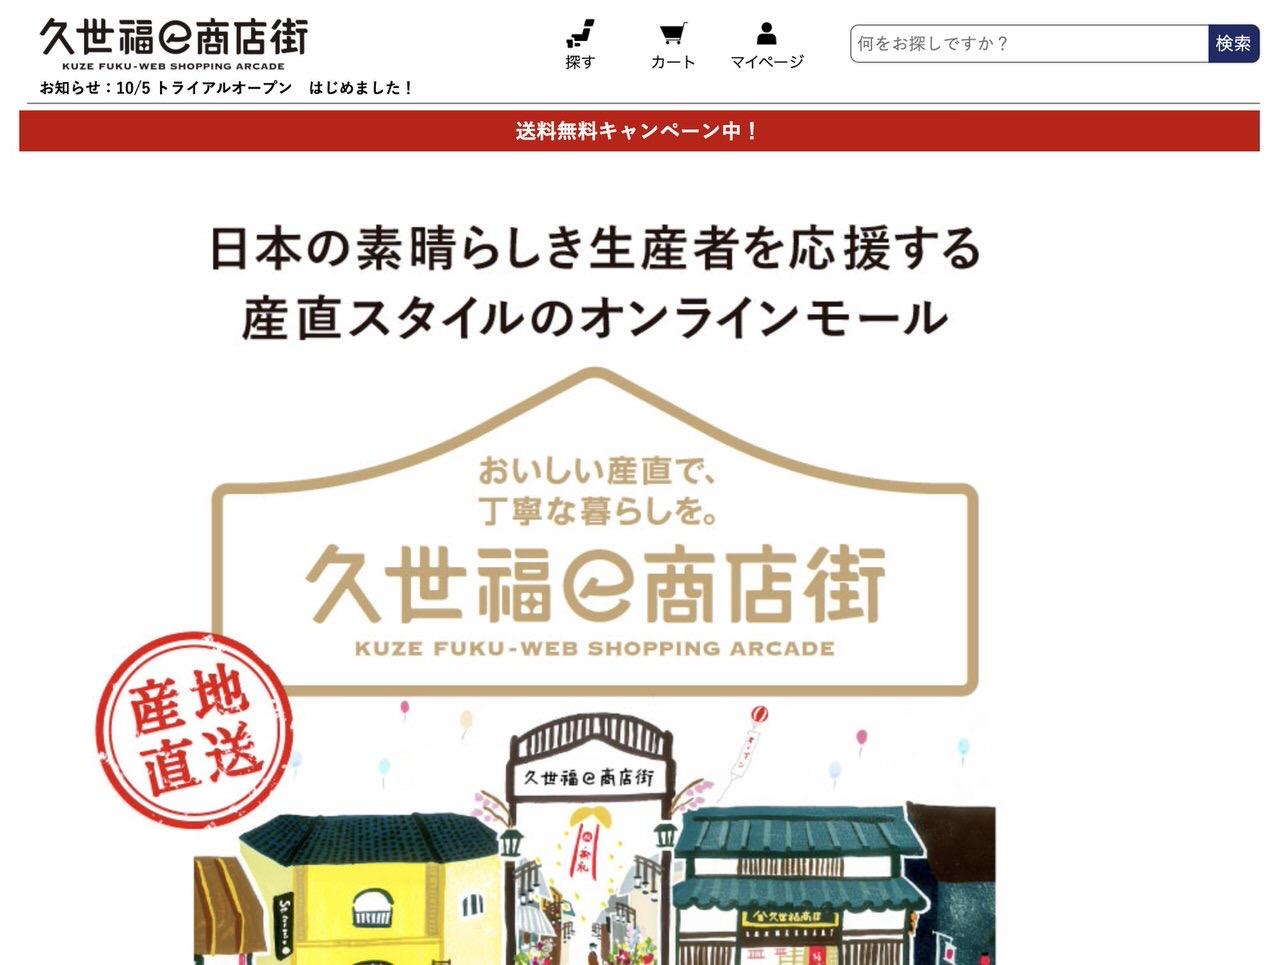 水産物応援で「久世福e商店街」の対象商品が送料無料キャンペーンを実施中(2/22まで)